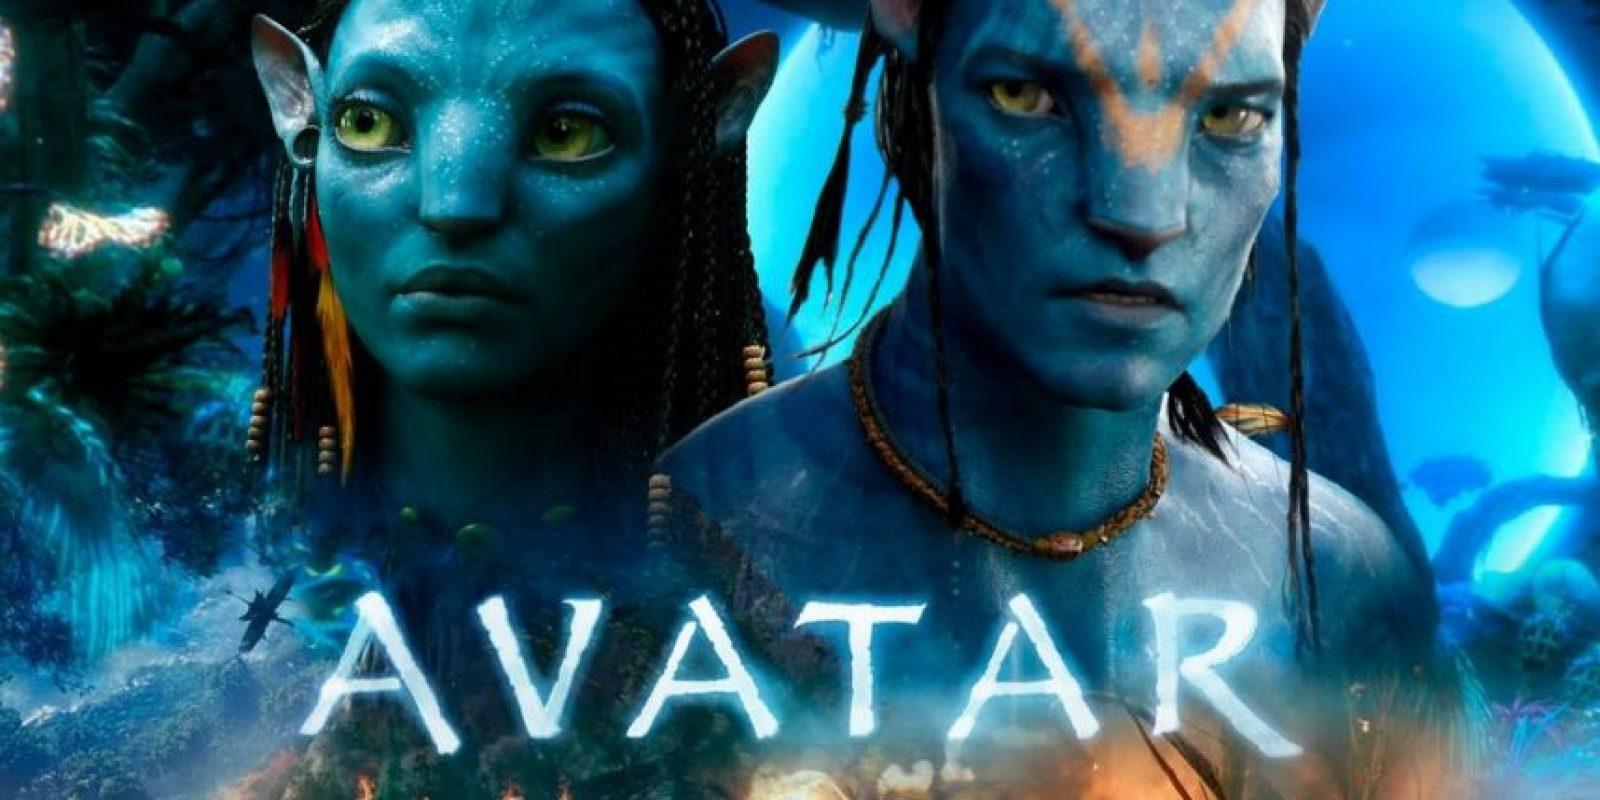 A continuación podrán ver algunas imágenes de la primera película de Avatar Foto:Avatarmovie.com